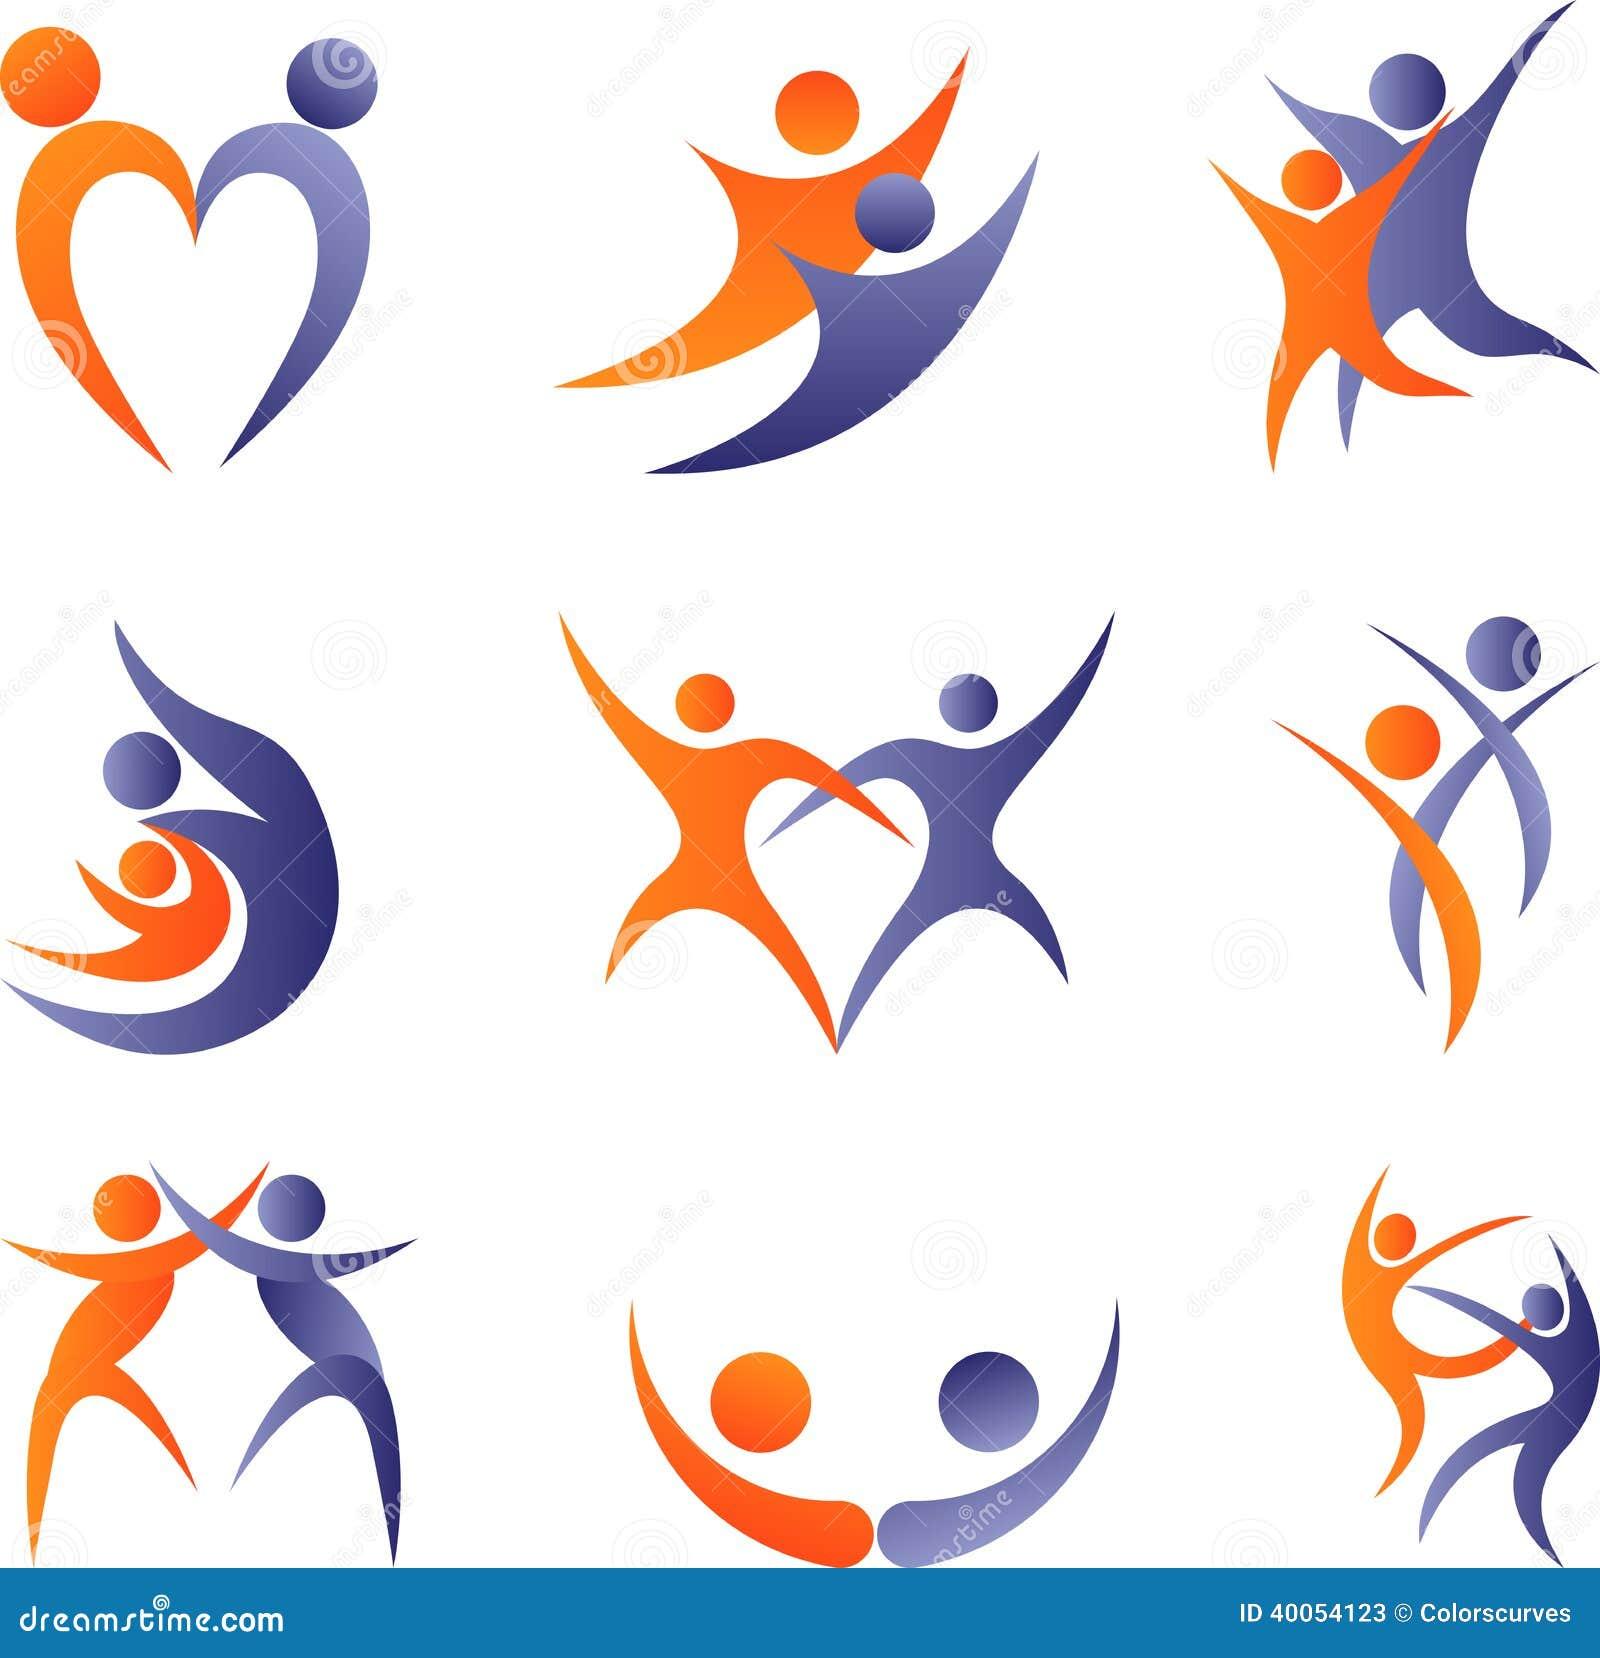 Design A Sports Club Logo